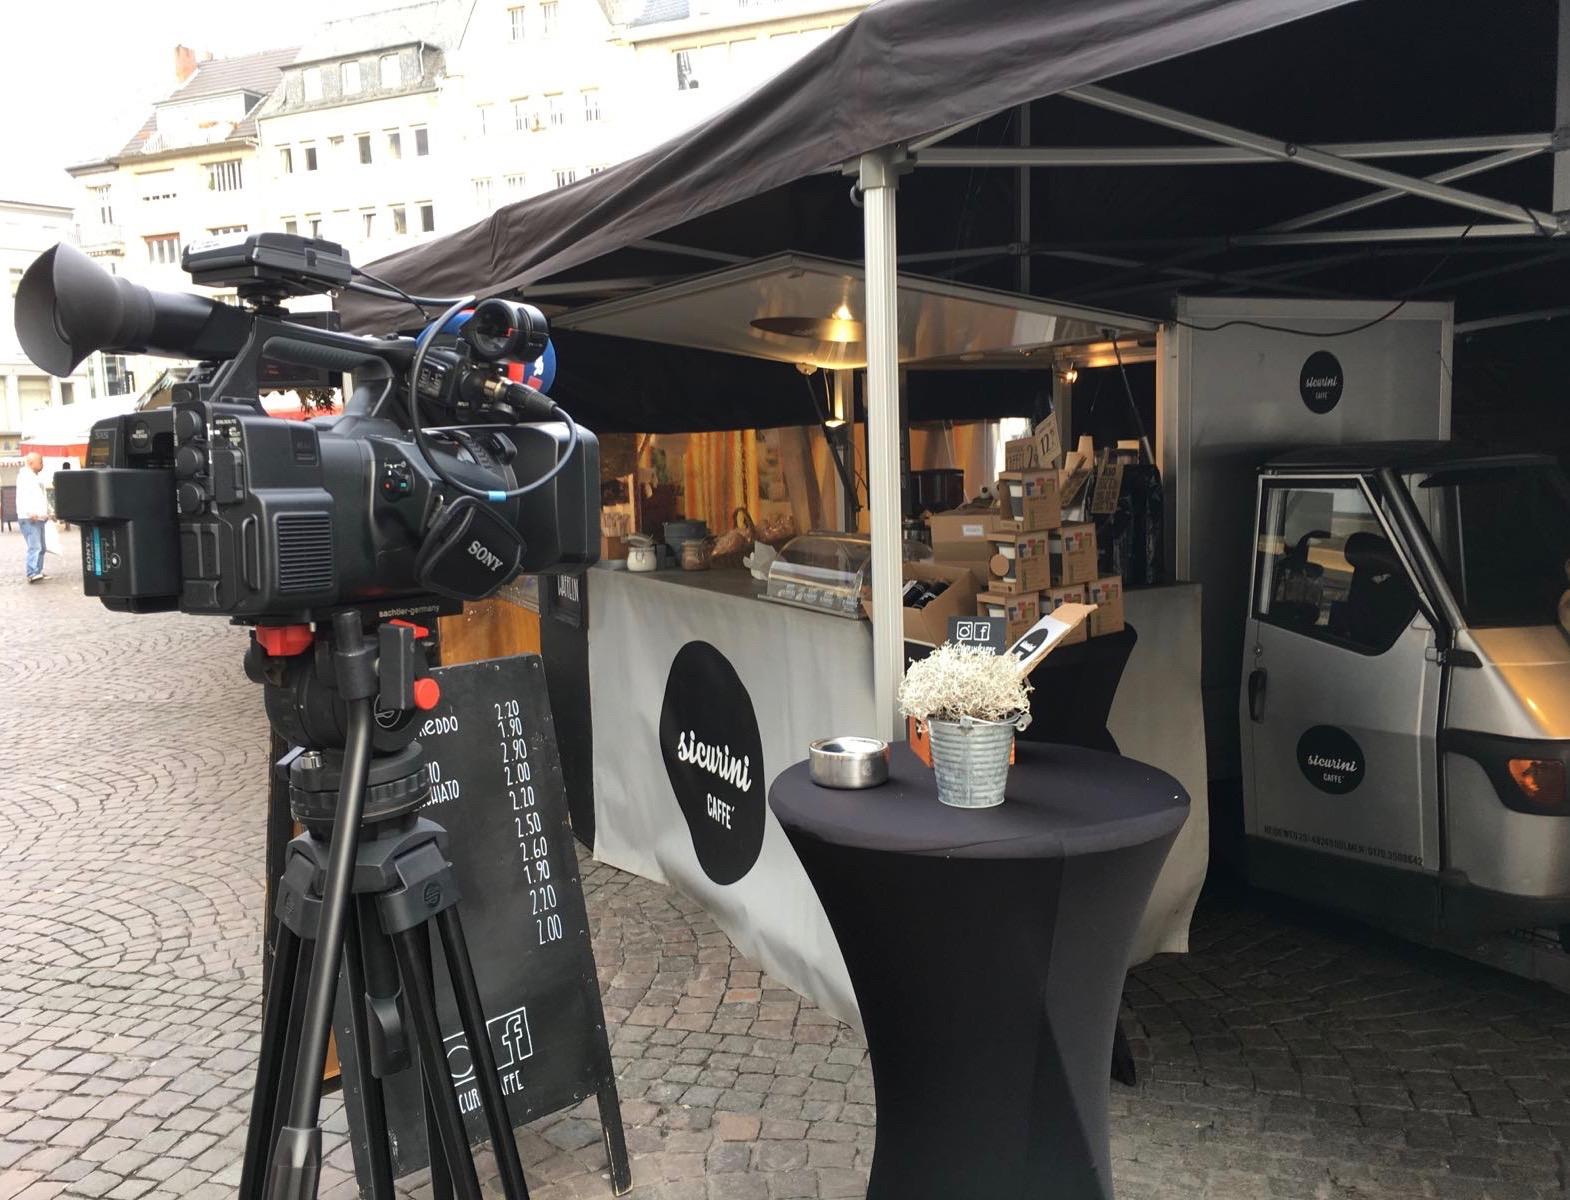 sicurinimobil_bonn_wochenmarkt_wdr_lokalzeit_3